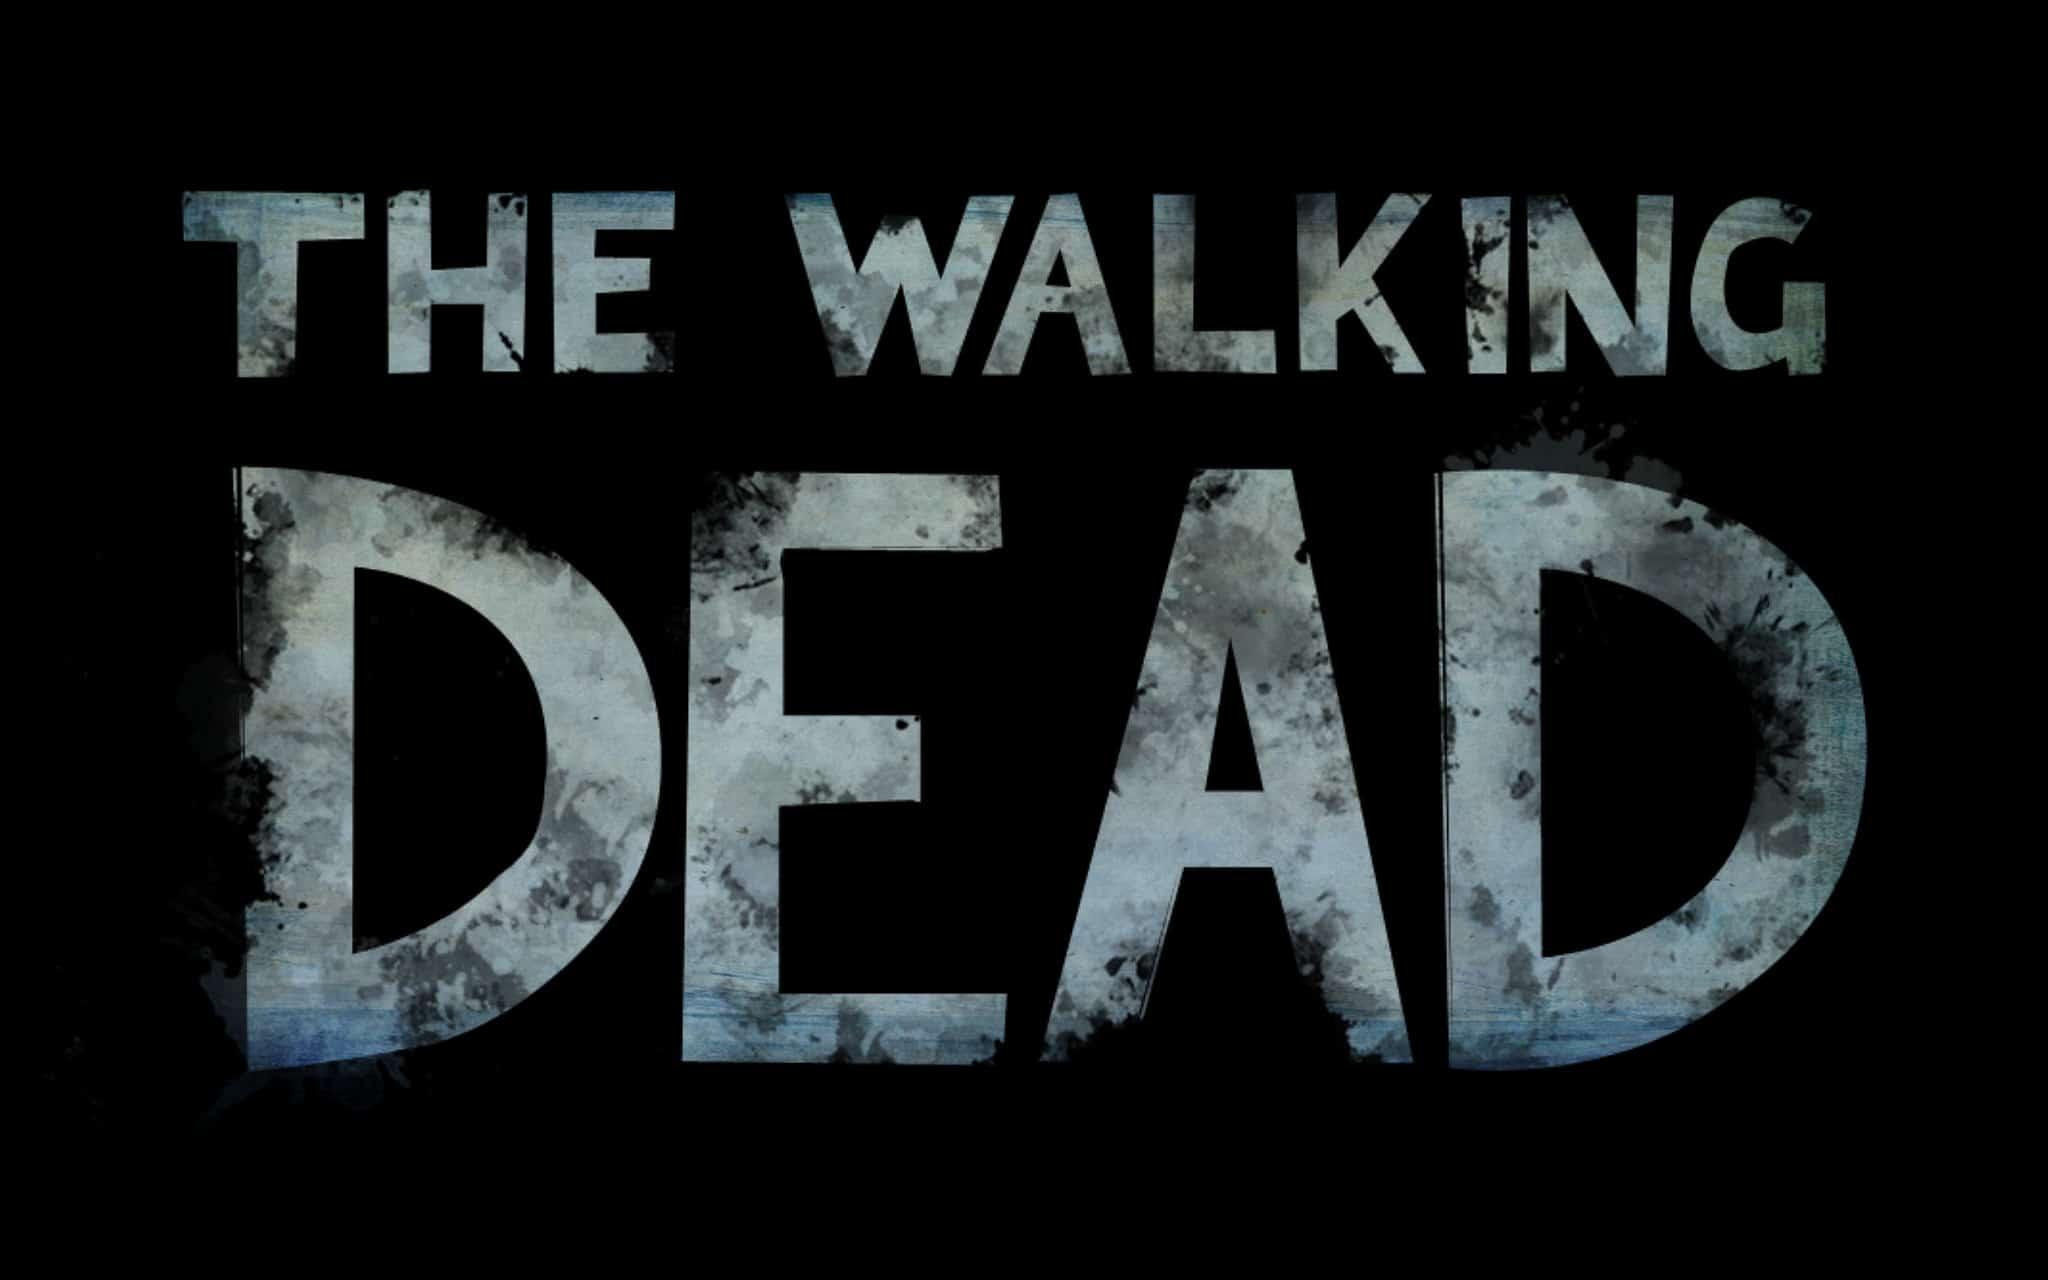 How to watch The Walking Dead Season 8 on Kodi, SlingTV or PlayStation Vue